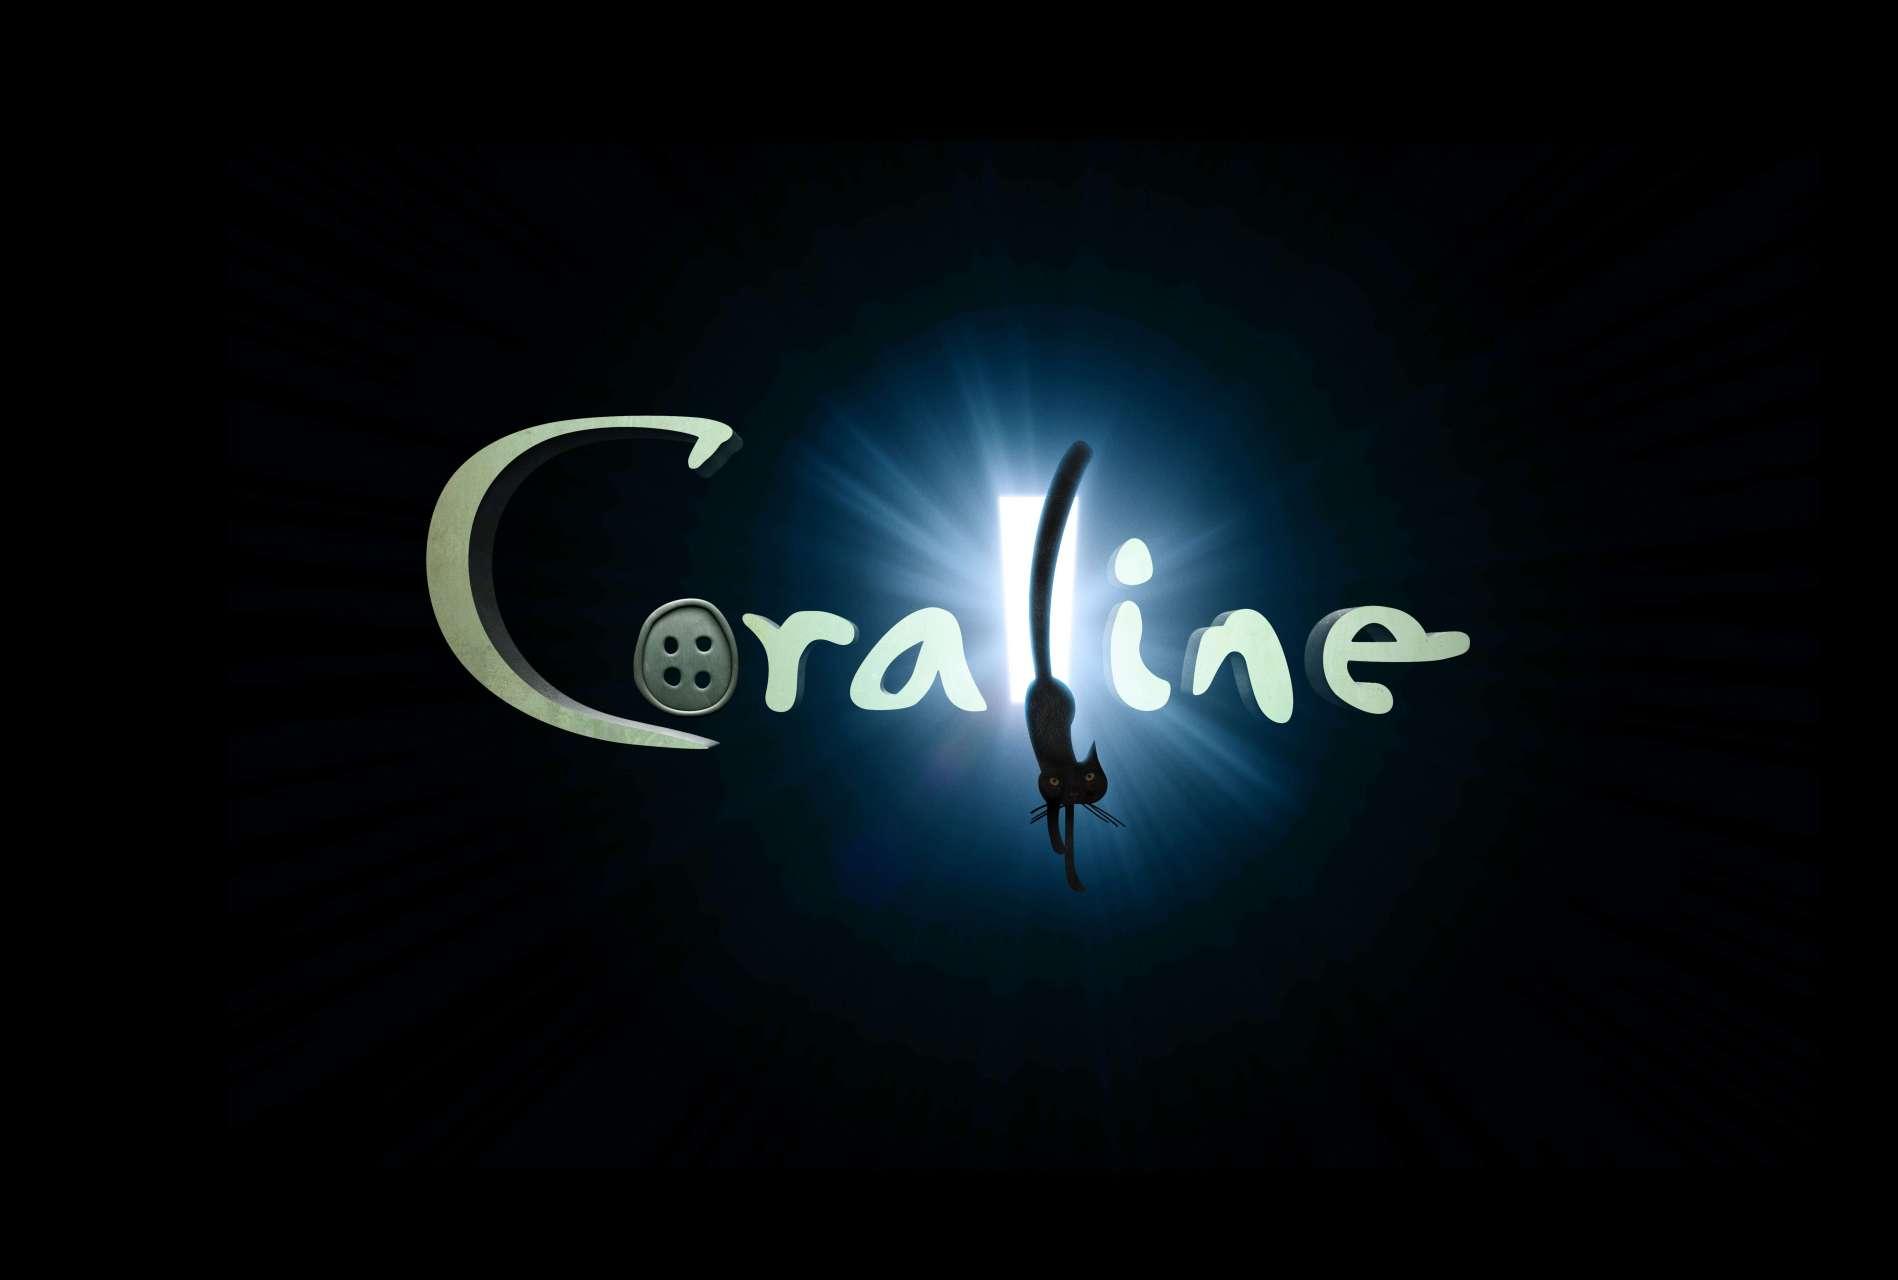 Coraline (Movie) | Mystery Kids Wiki | FANDOM powered by Wikia